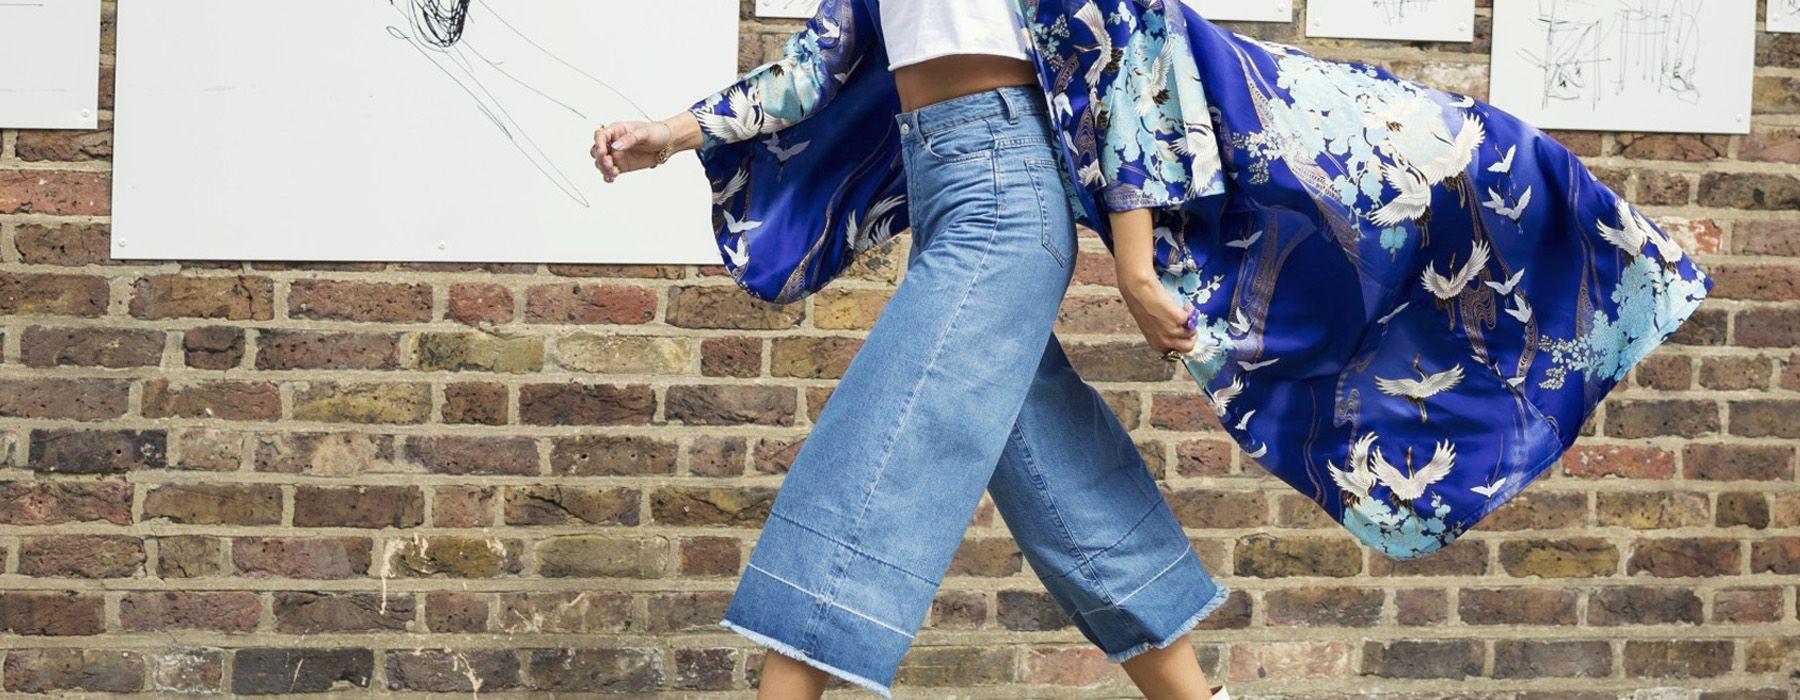 Come indossare i culotte di jeans anche d'estate